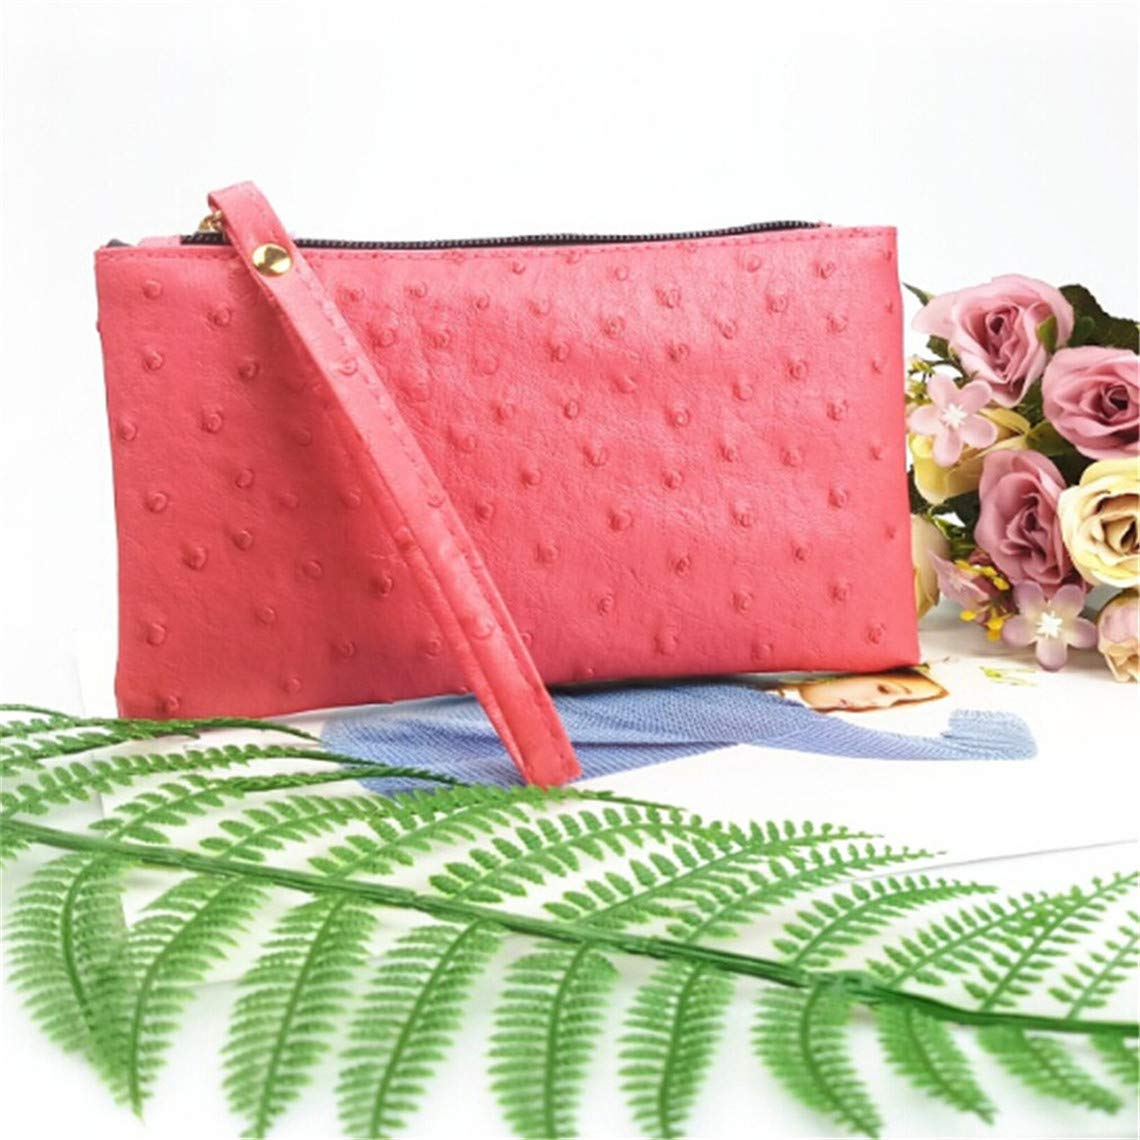 Rurah Ostrich Pattern Long Purse Key Coin Handbags Women Phone Bag Clutch Wristlet Zippers Organizer Wedding Party Evening Dress Bag,Red by Rurah (Image #2)